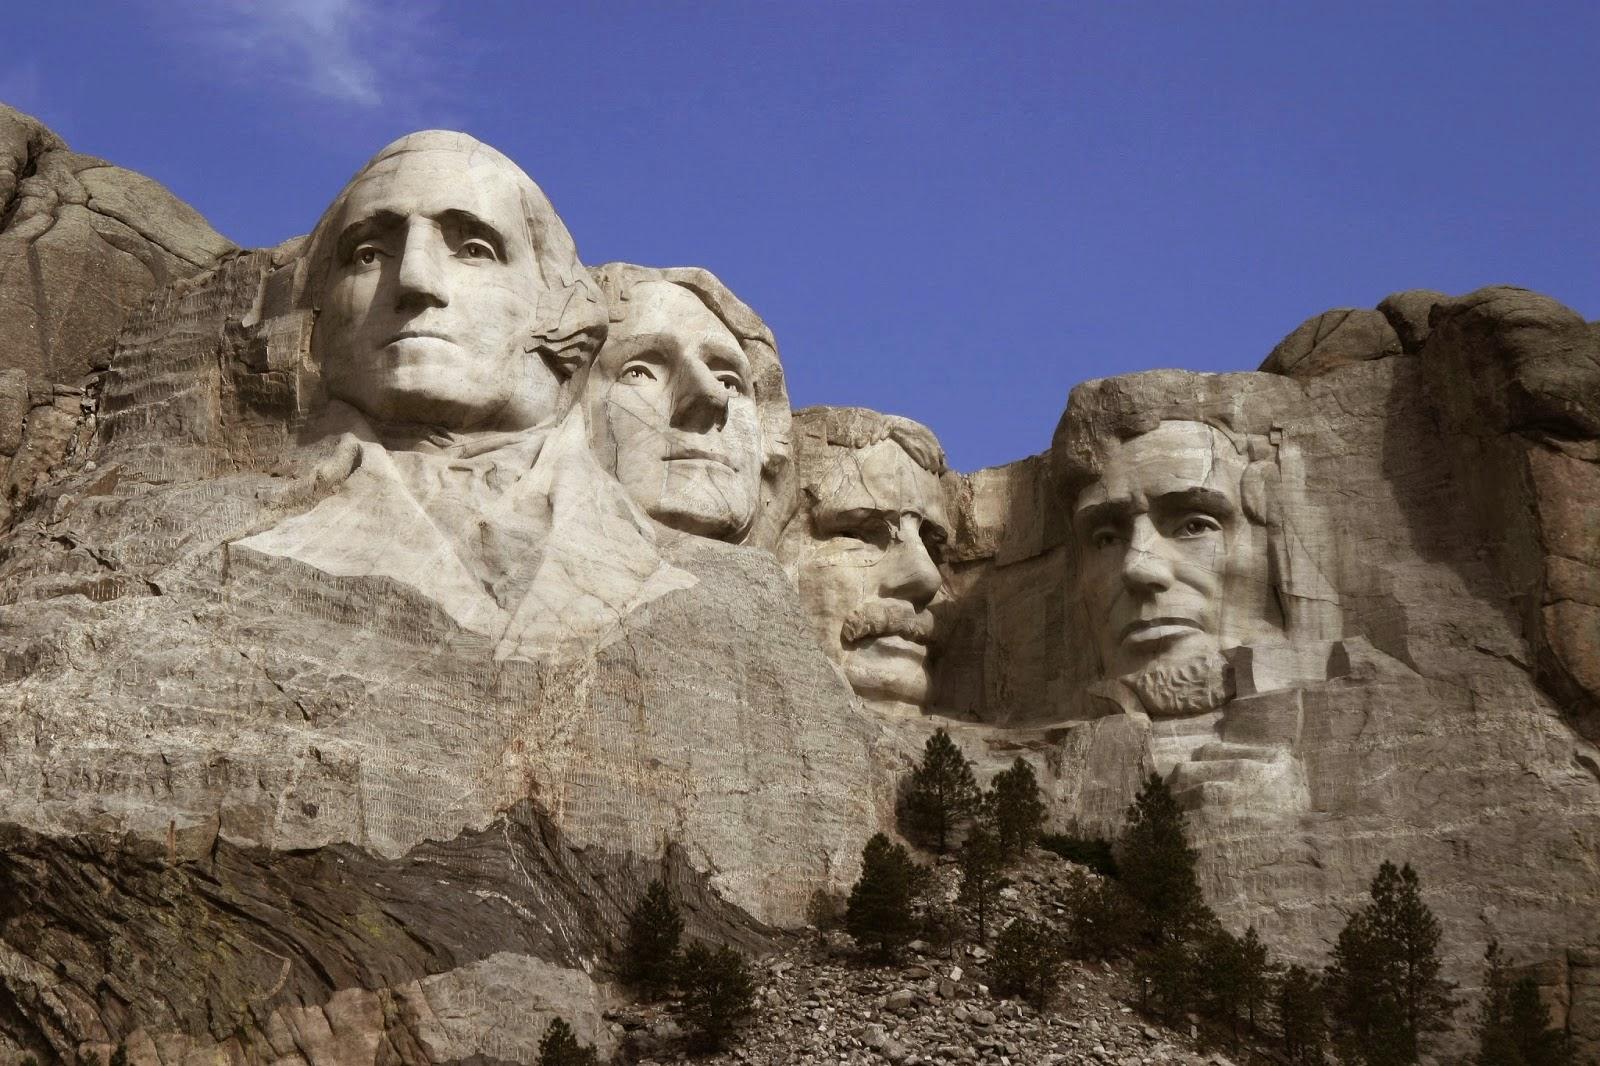 Mount Rushmore image